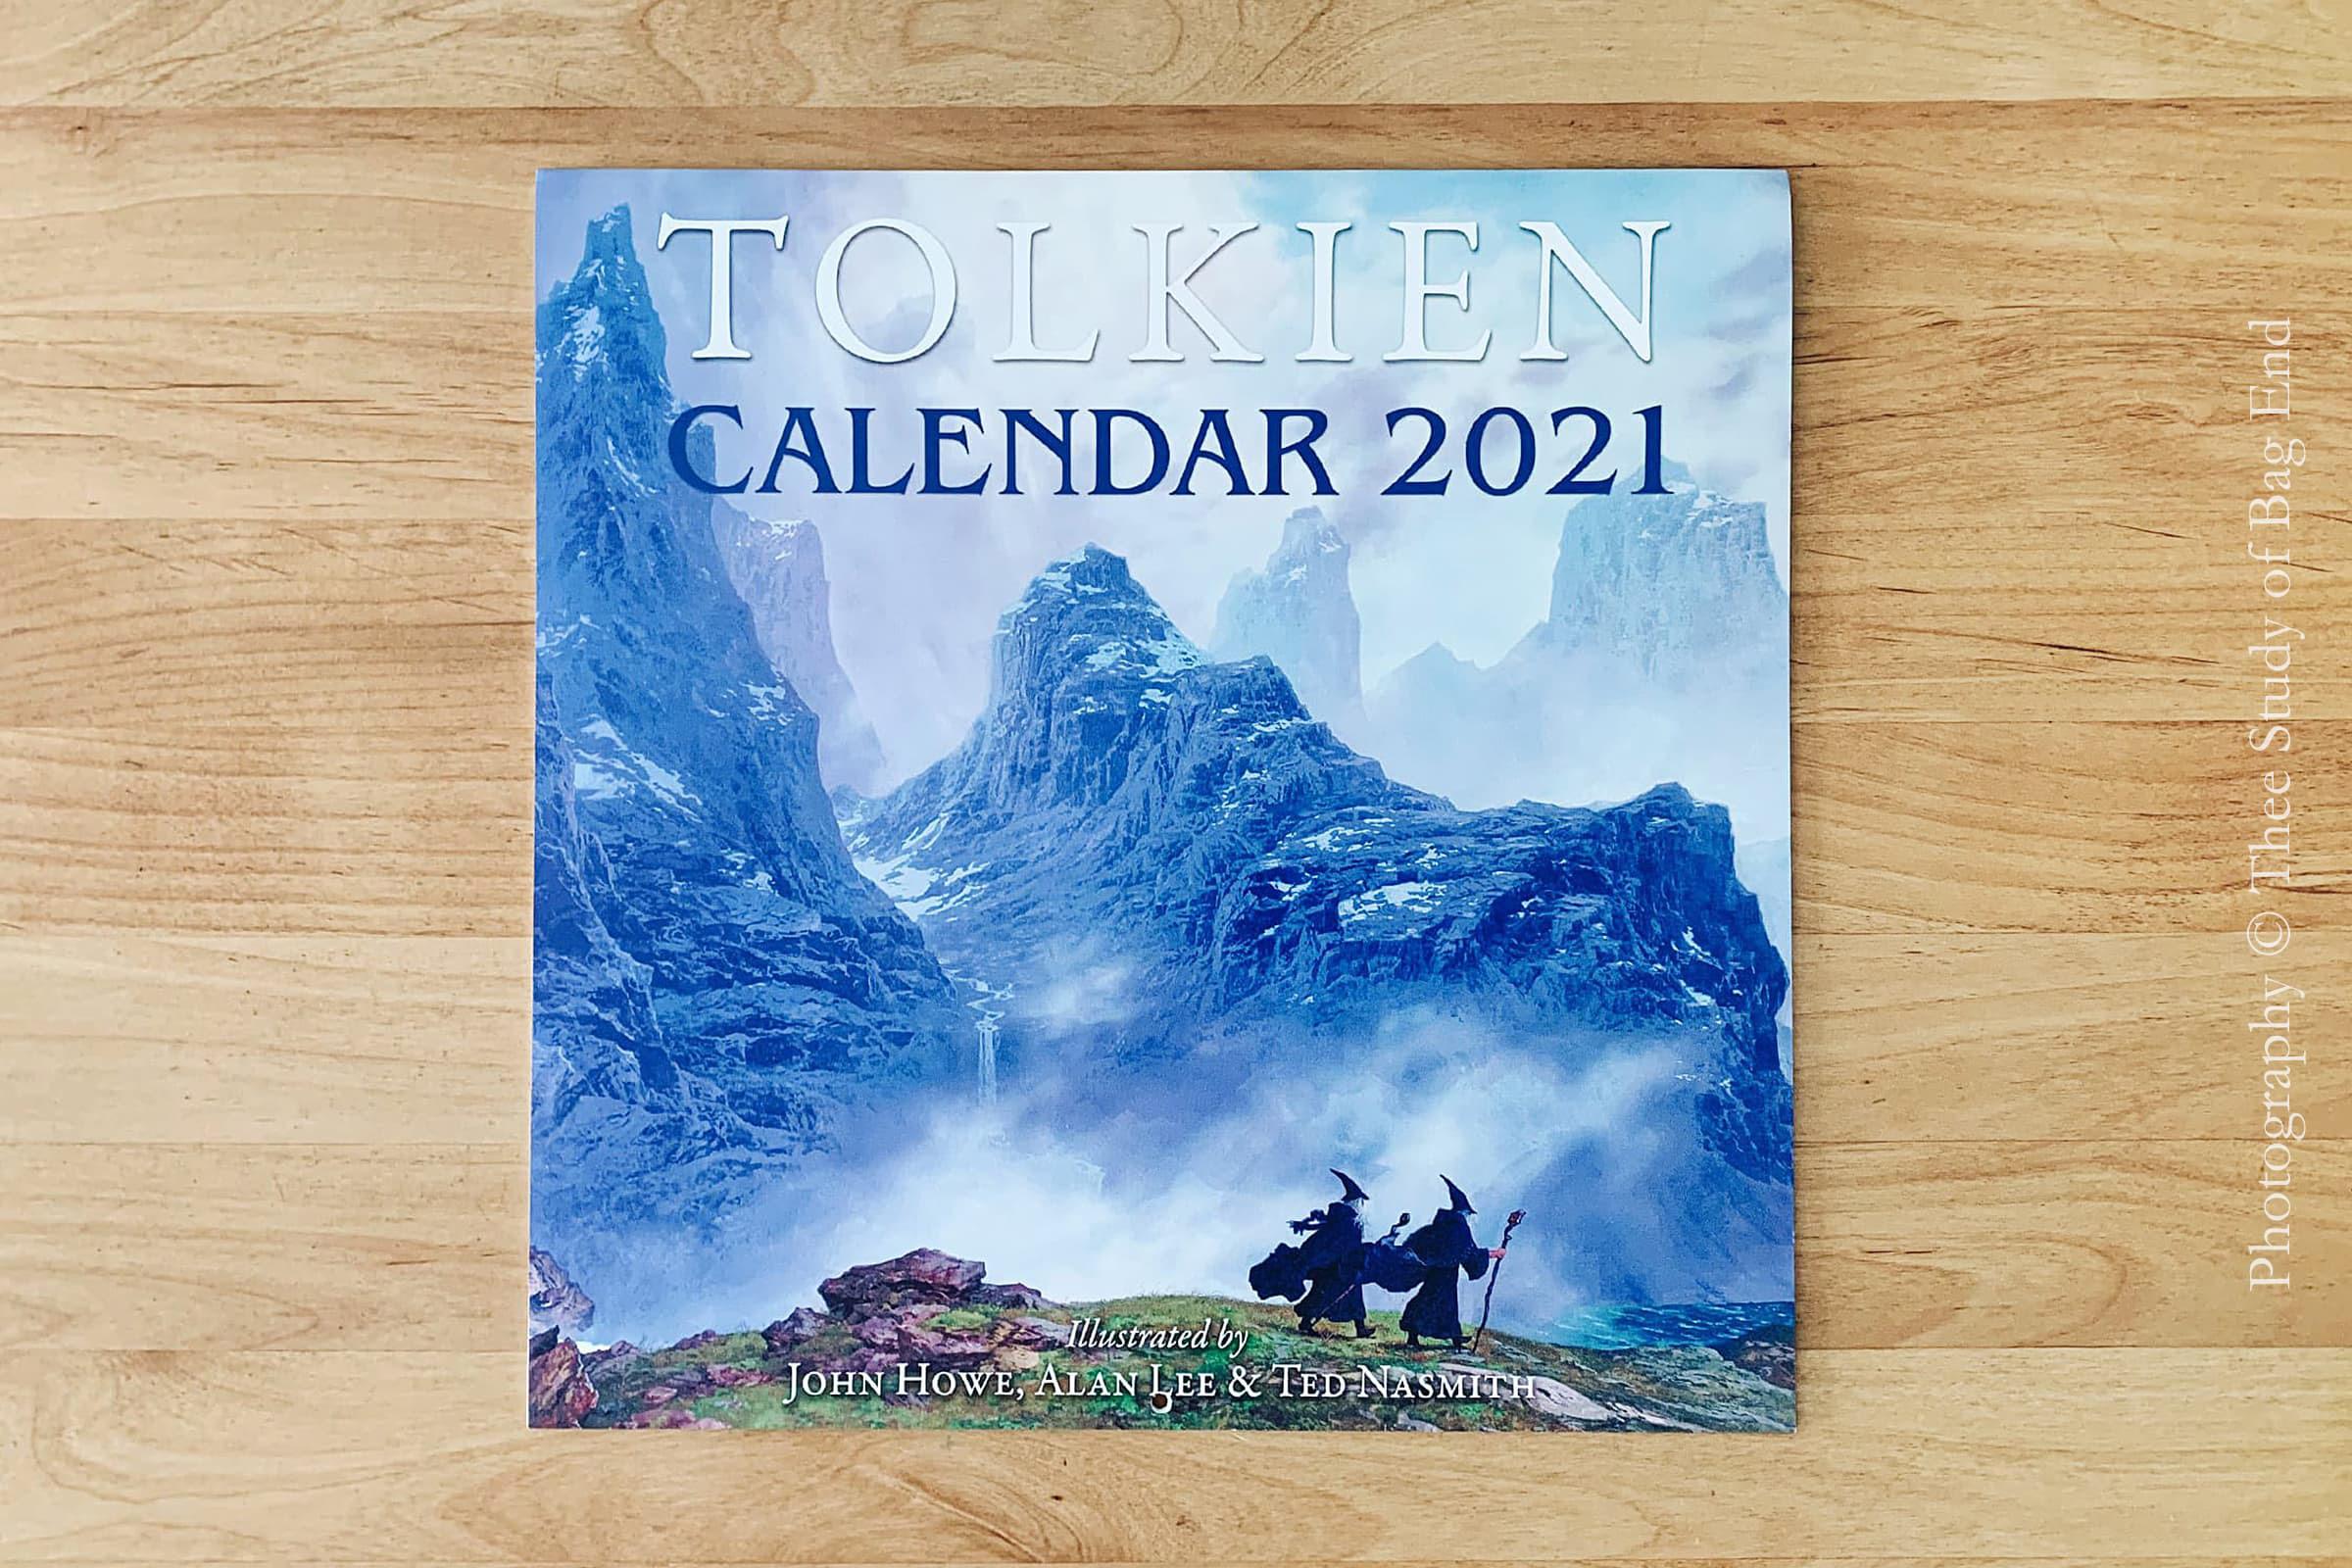 2021年のトールキンカレンダー 表紙